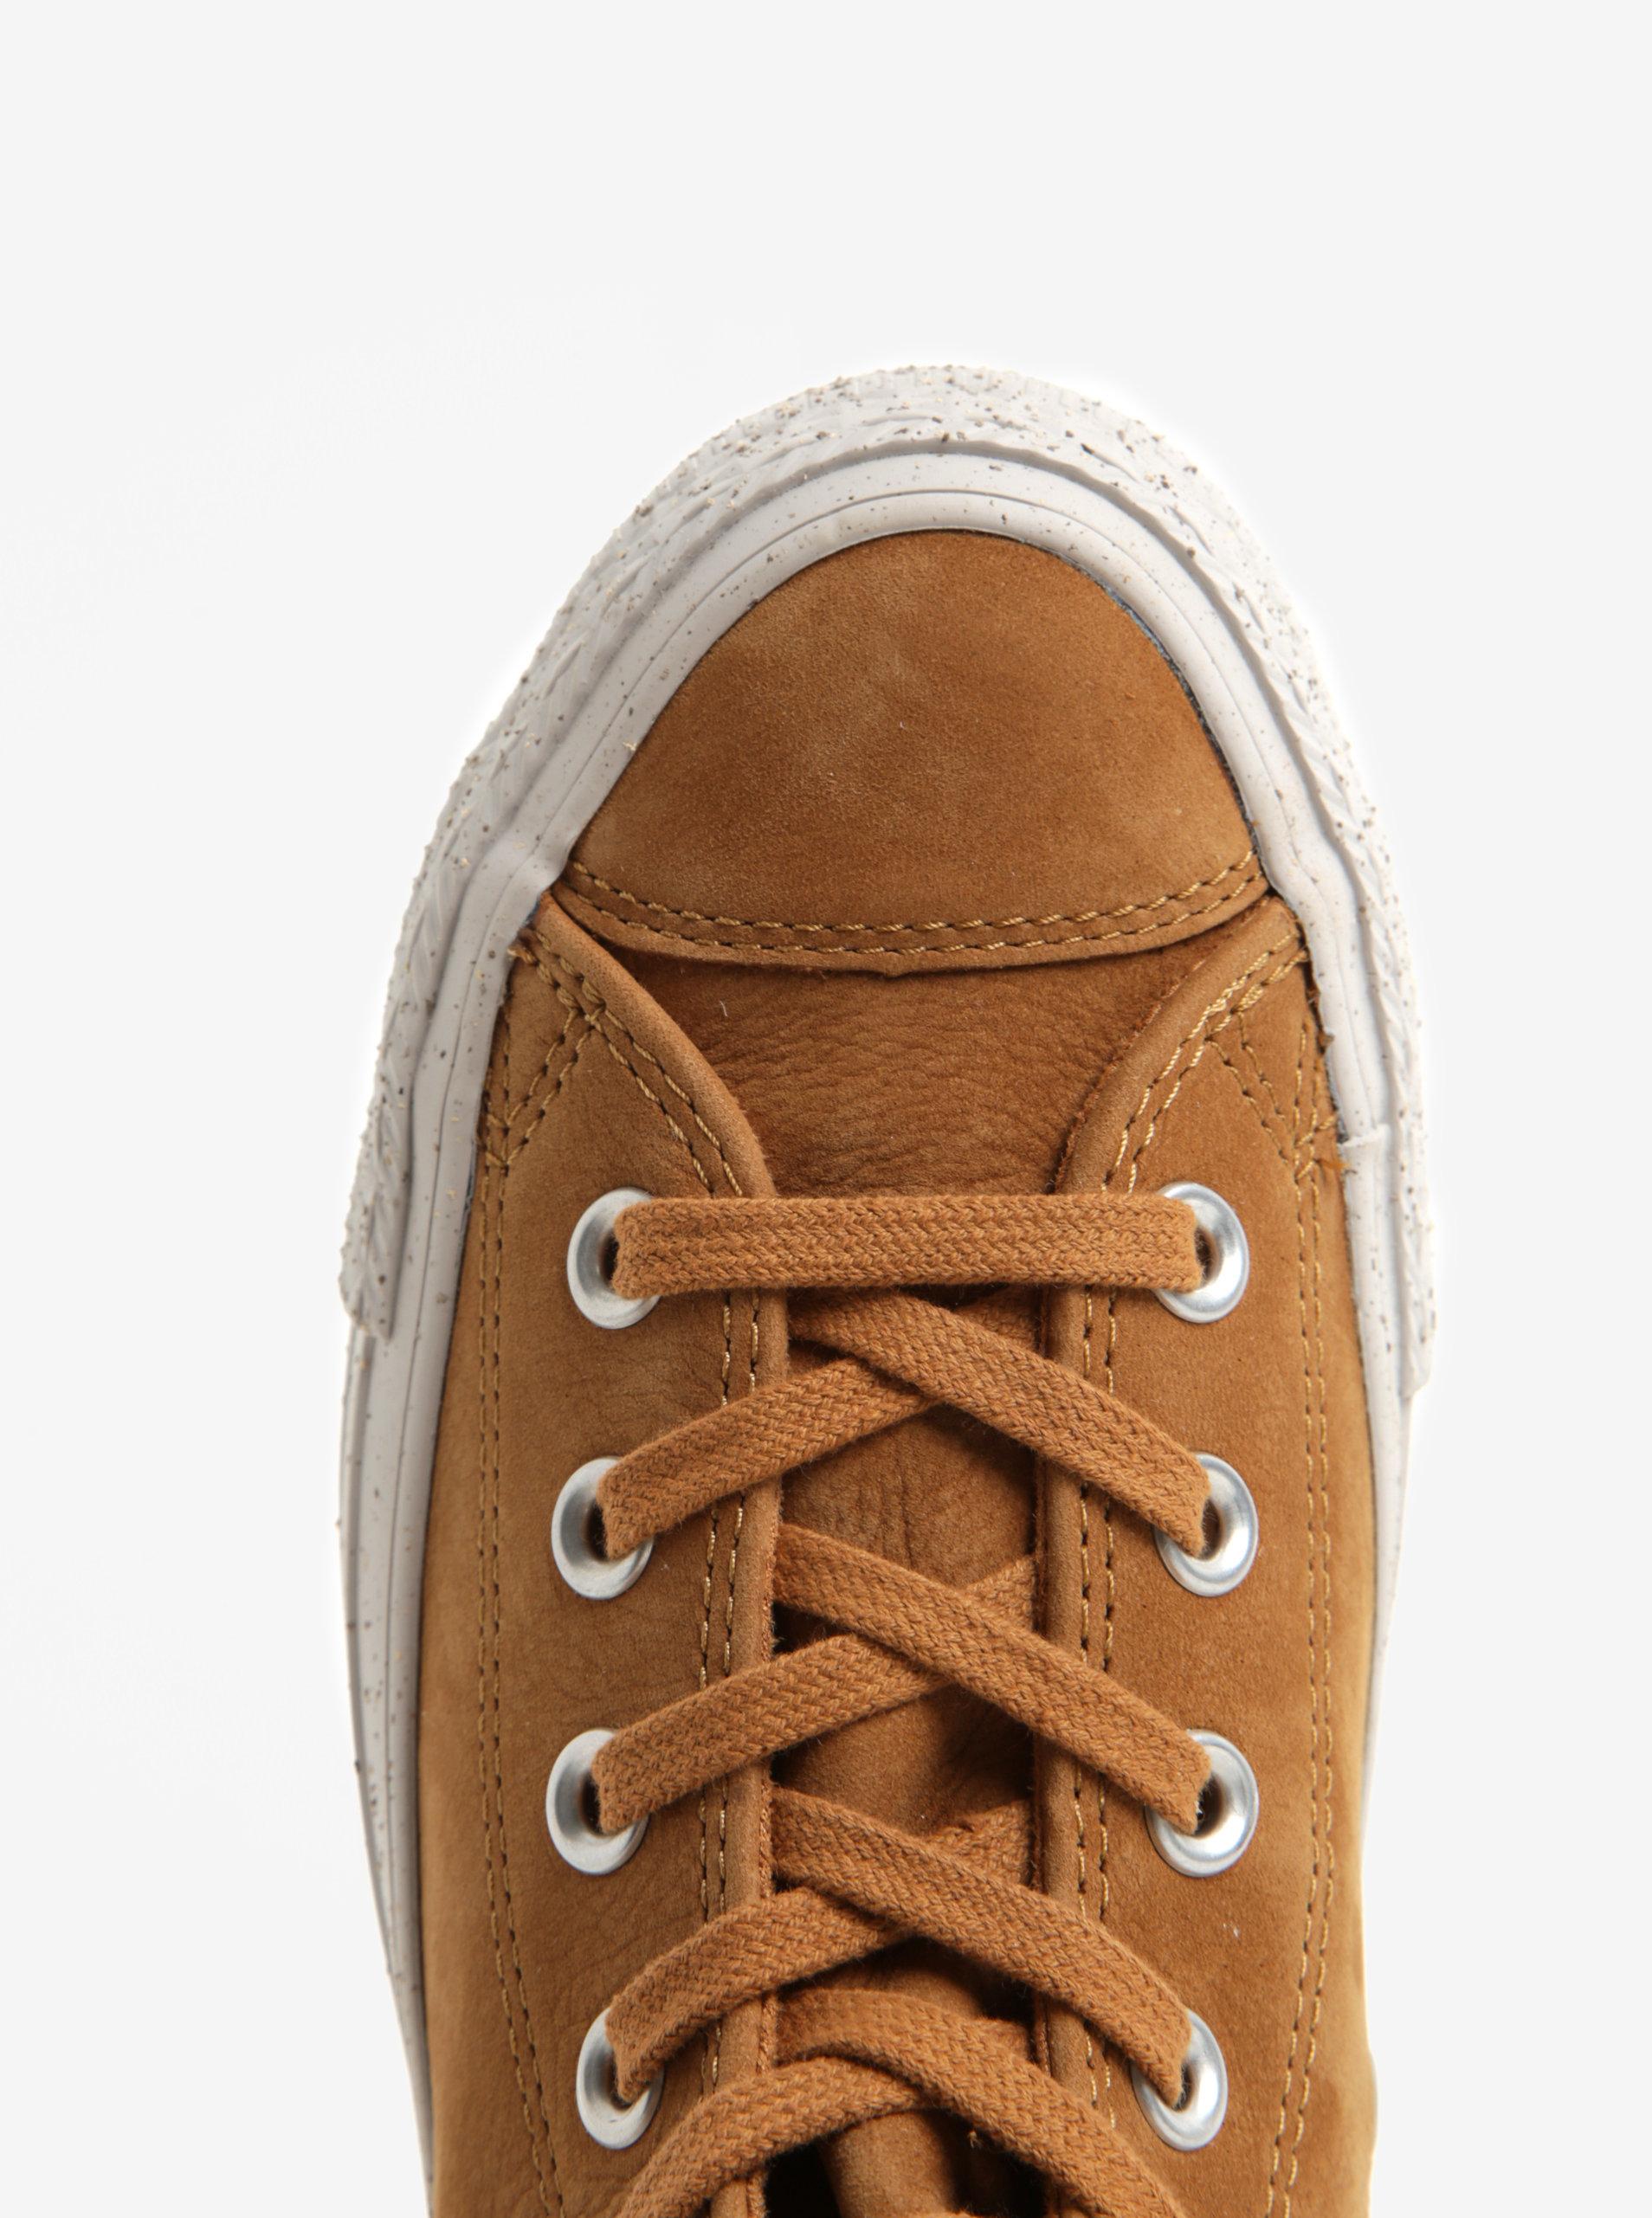 Hnědé dámské kožené kotníkové tenisky Converse Chuck Taylor All Star ... 0c8056b32a